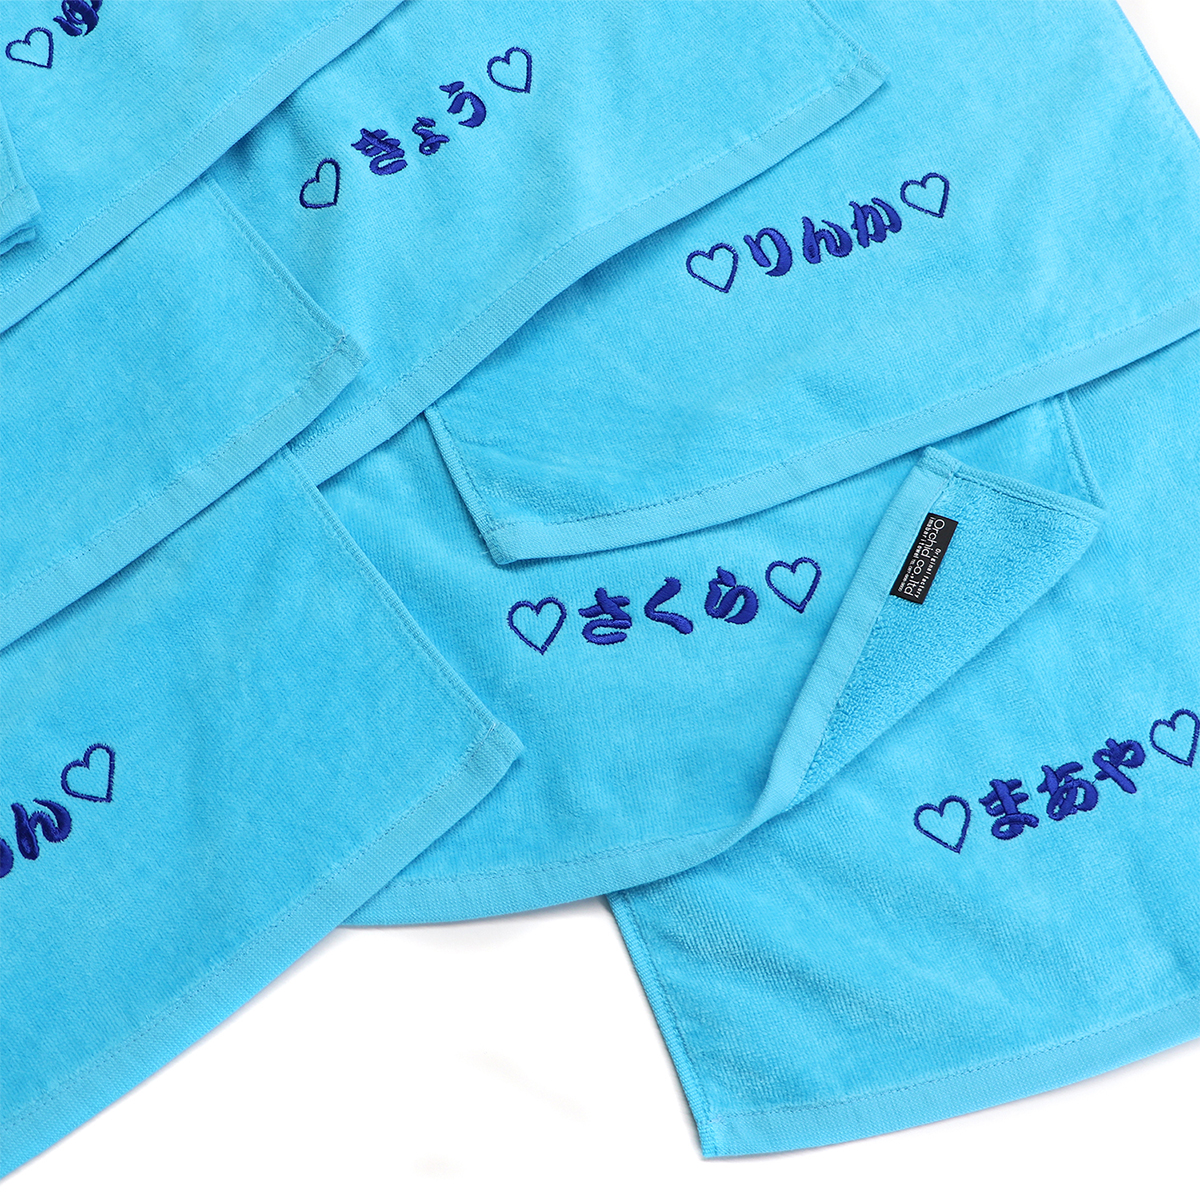 【18405】チーム刺繍/NNTシリーズ フェイスタオル/ターコイズ/A位置